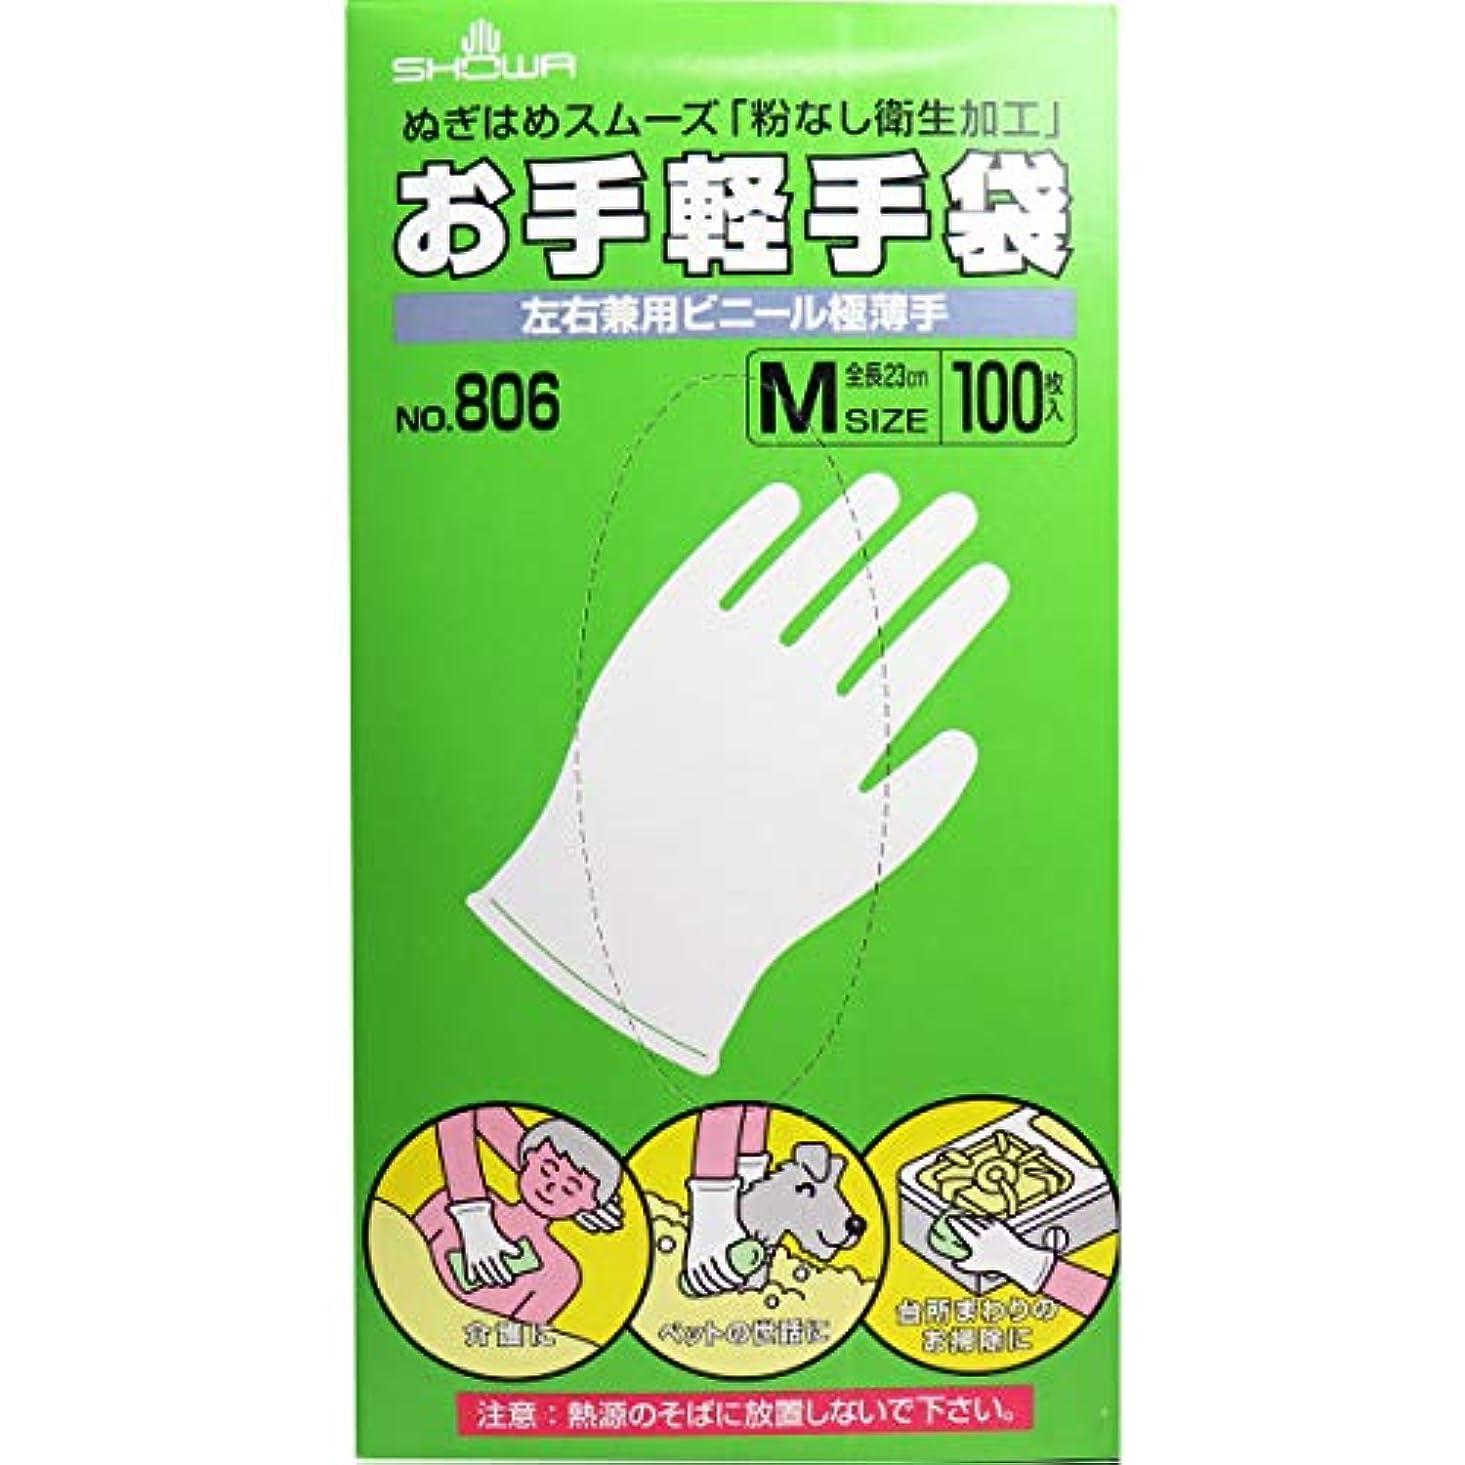 電気的大学協定お手軽手袋 No.806 左右兼用ビニール極薄手 粉なし Mサイズ 100枚入×2個セット